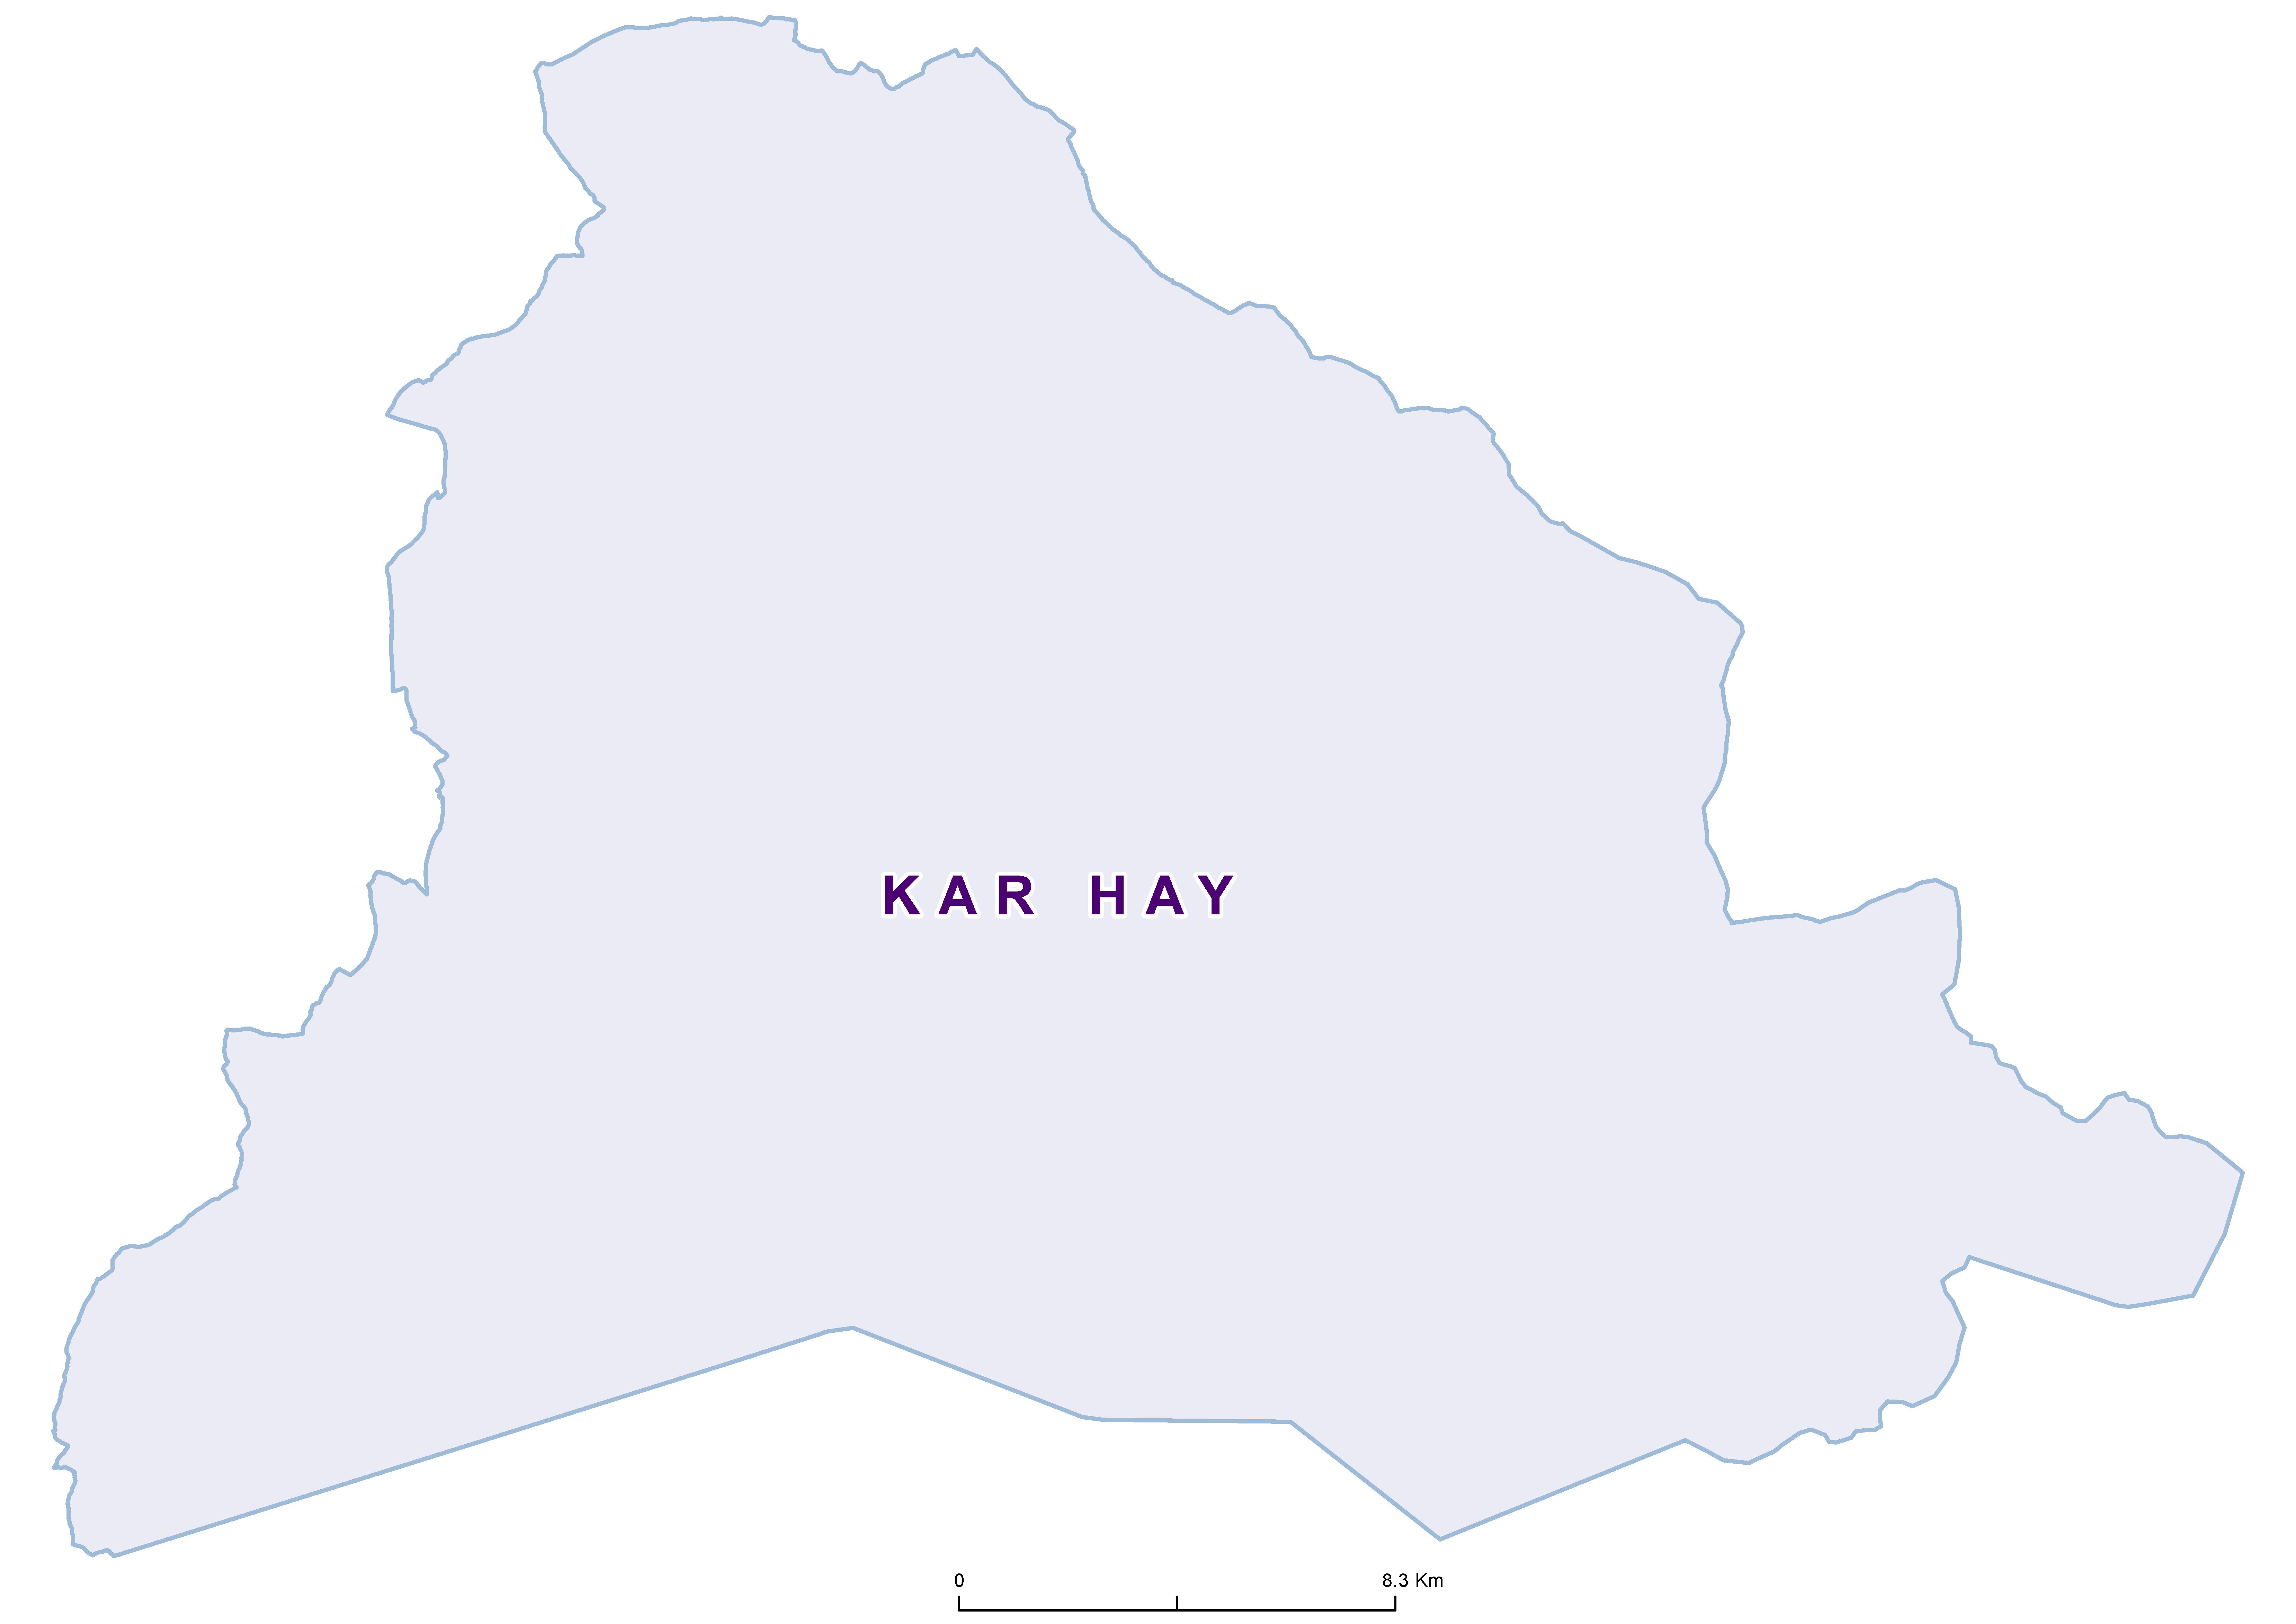 Kar hay Max STH 20180001